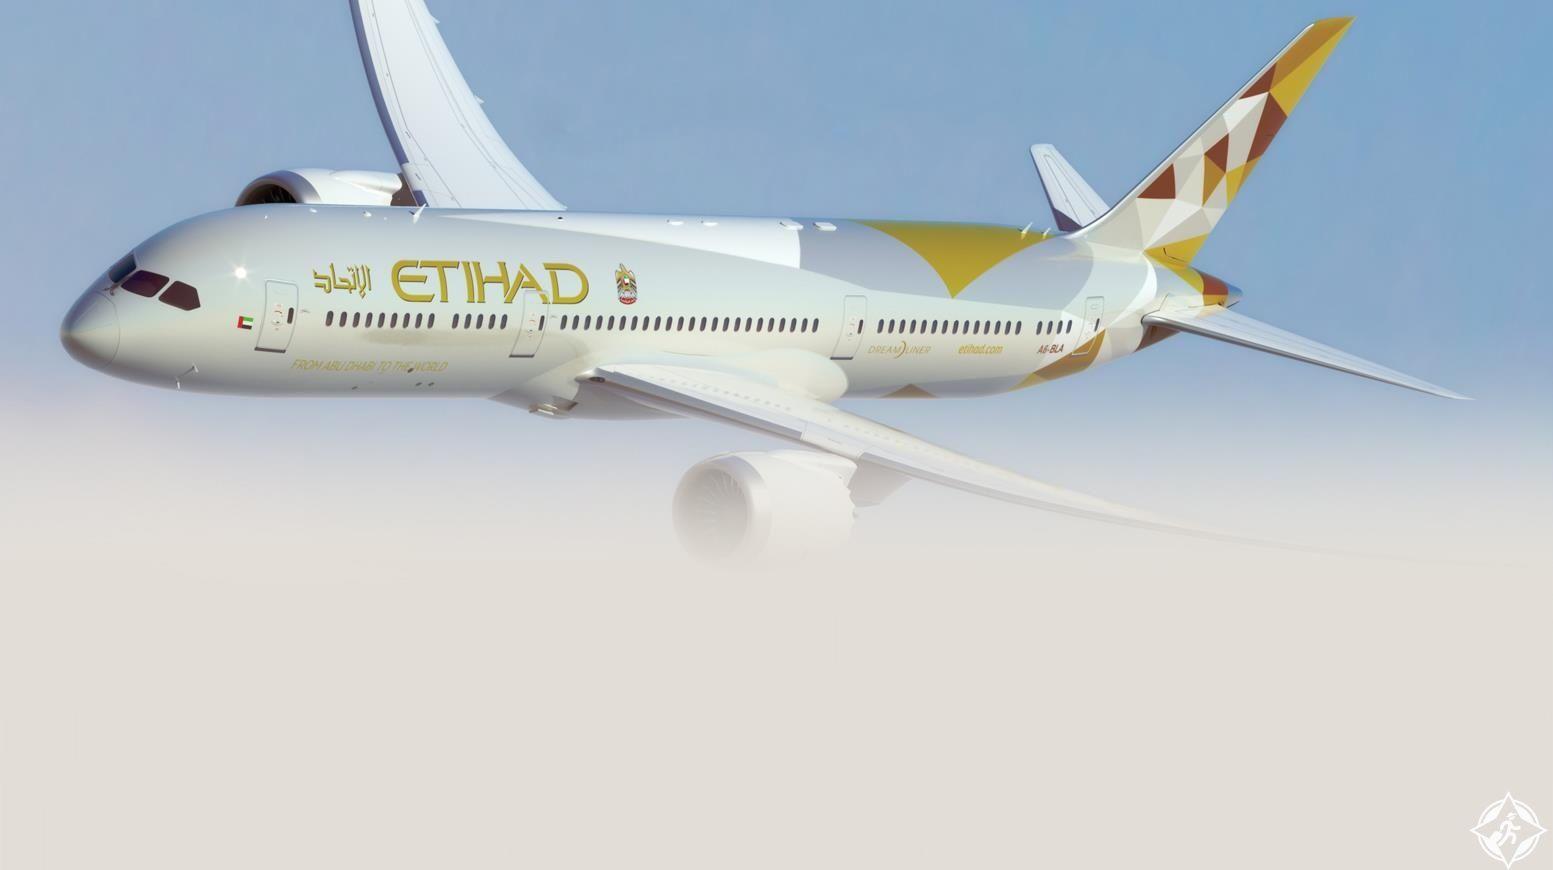 طيران الاتحاد تحتفل بمناسبة تسلم طائرتها العاشرة من طراز A380 Online Tickets Airlines Books Online